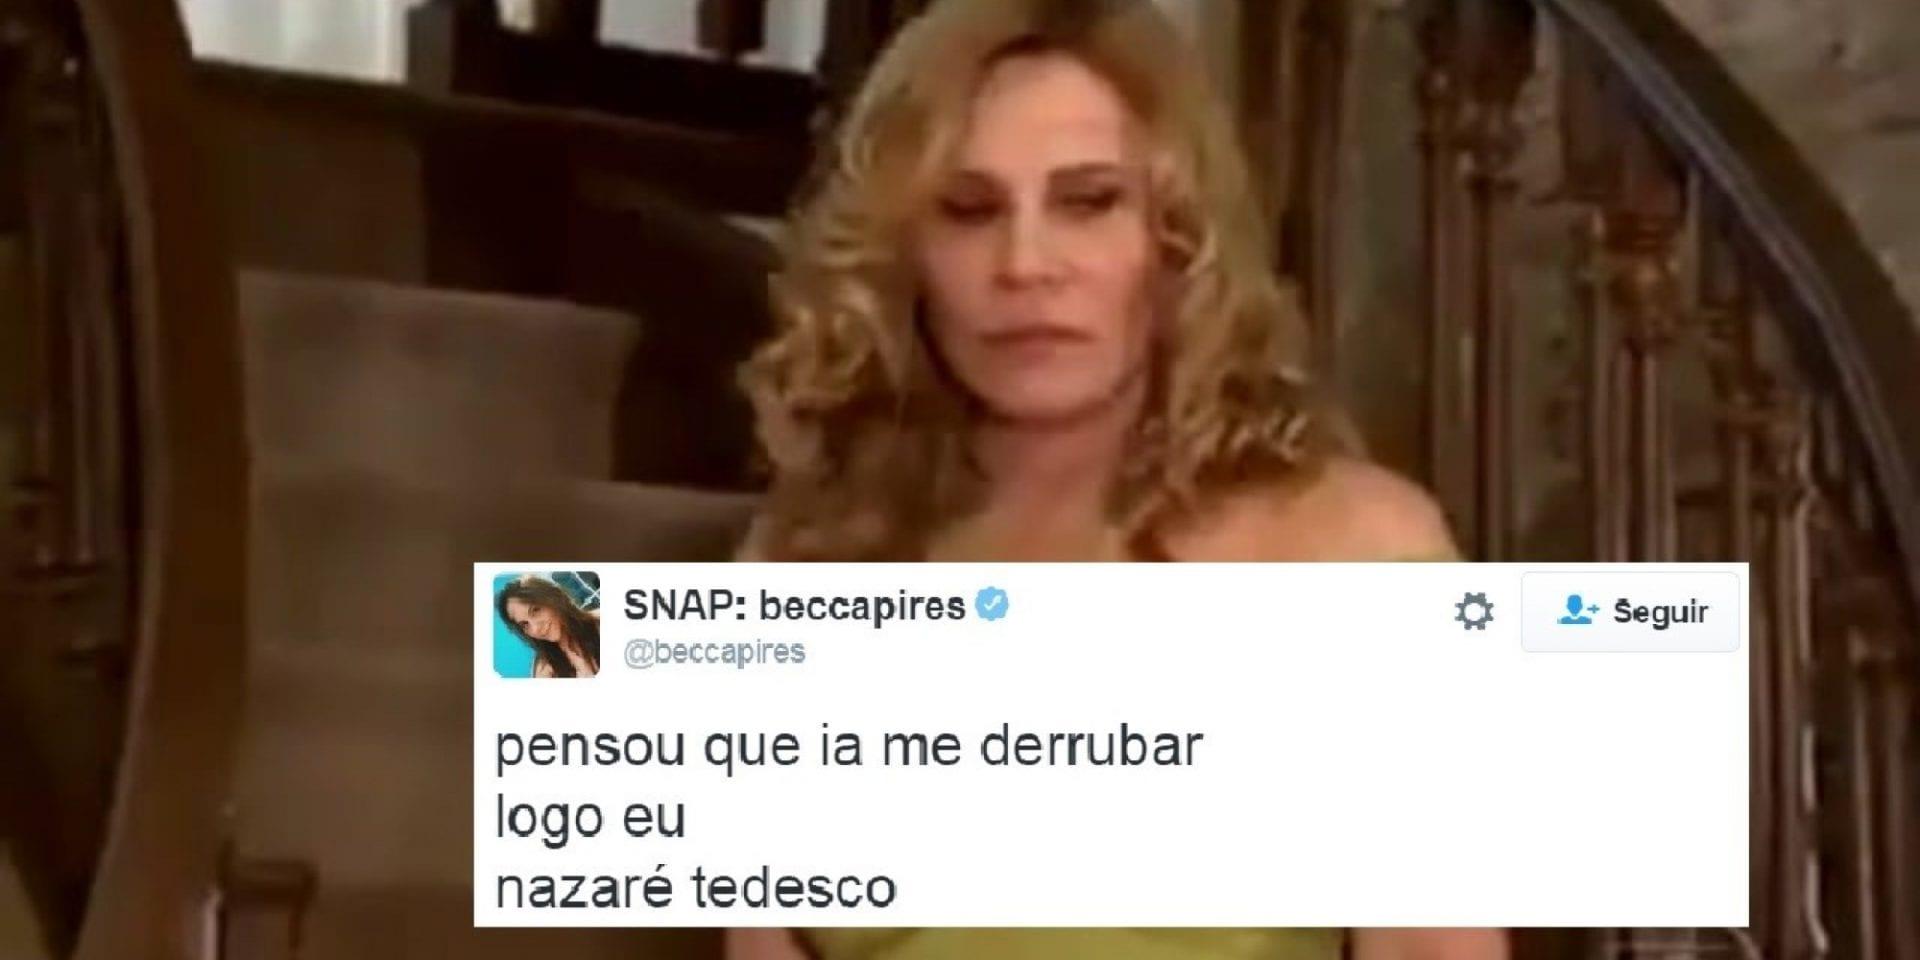 Nazaré Tedesco: Da novela para os memes